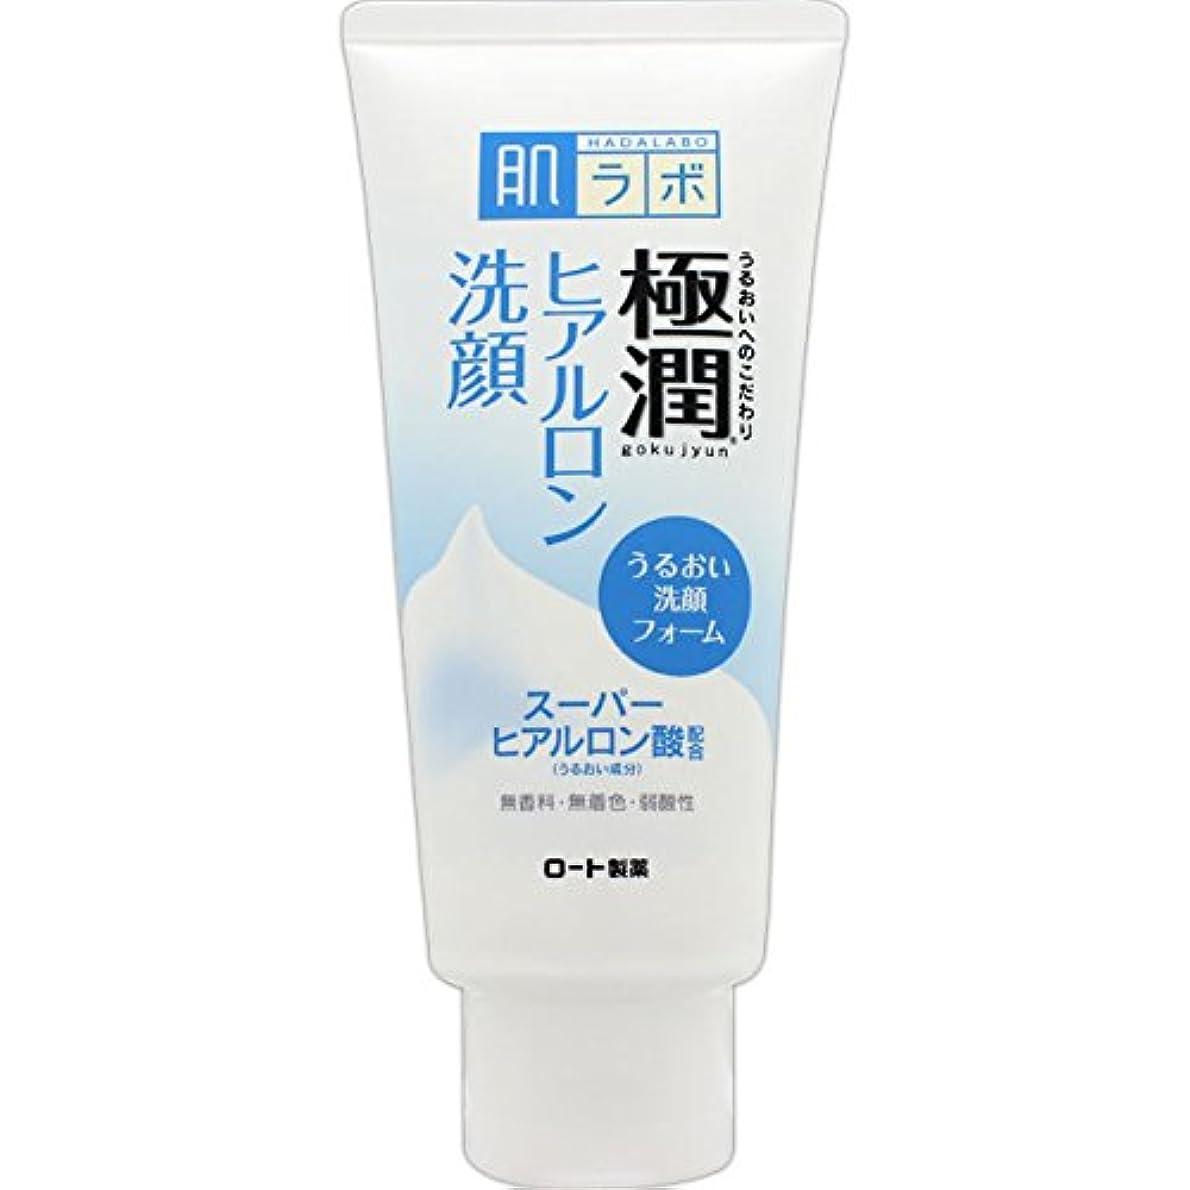 カイウスサドル非公式肌ラボ 極潤 ヒアルロン洗顔フォーム スーパーヒアルロン酸&吸着型ヒアルロン酸をW配合 100g